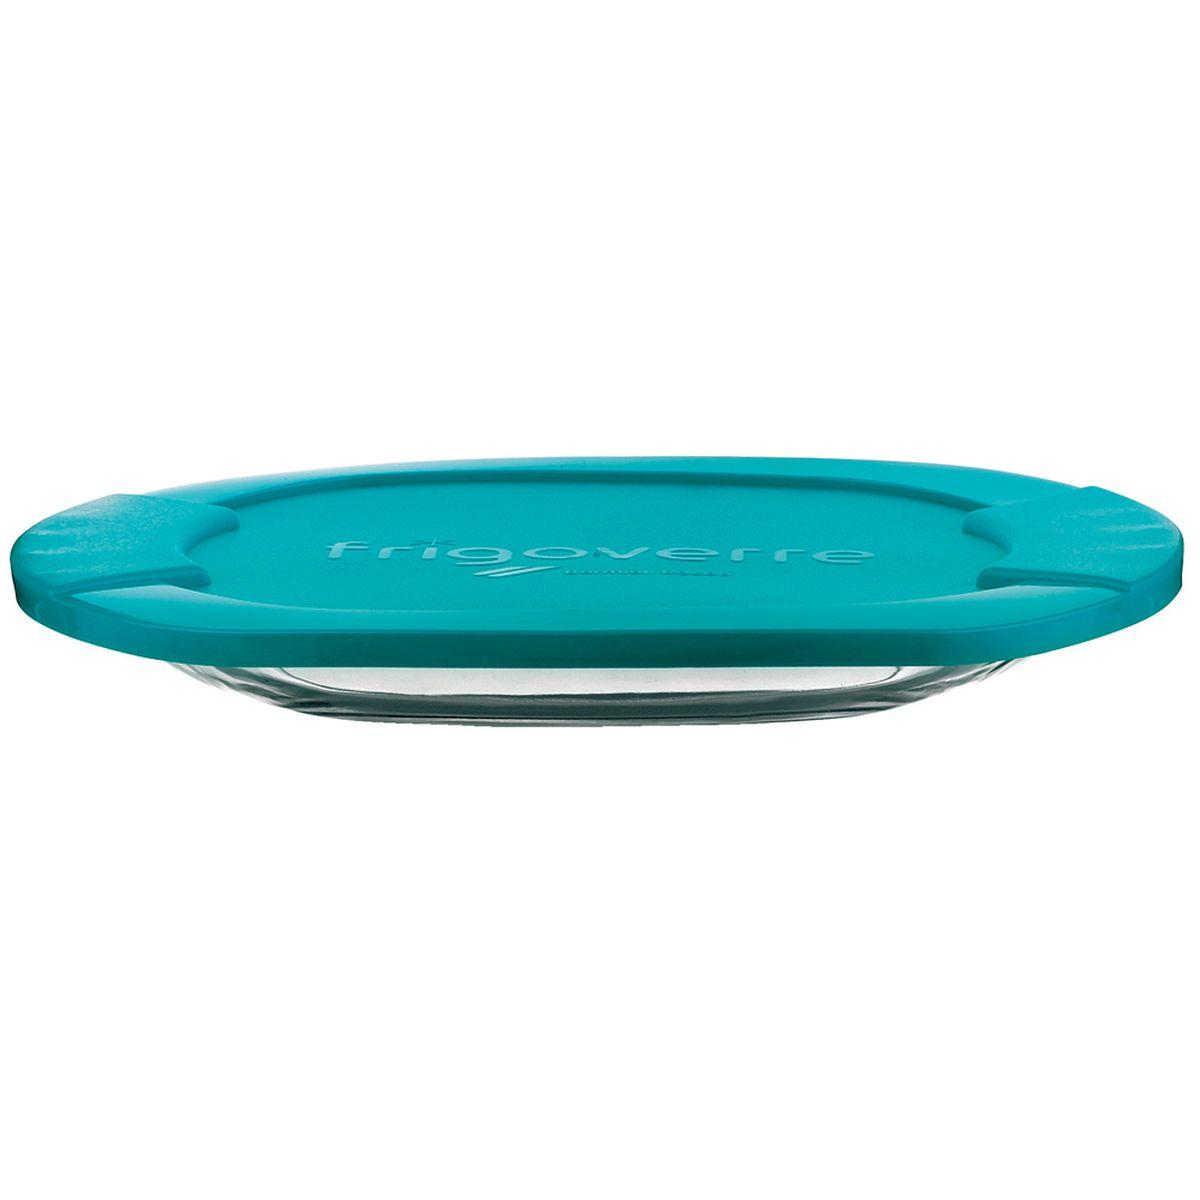 Boite de conservation pour charcuterie en verre avec couvercle bleu 3 x 27 cm Frigoverre - Bormioli